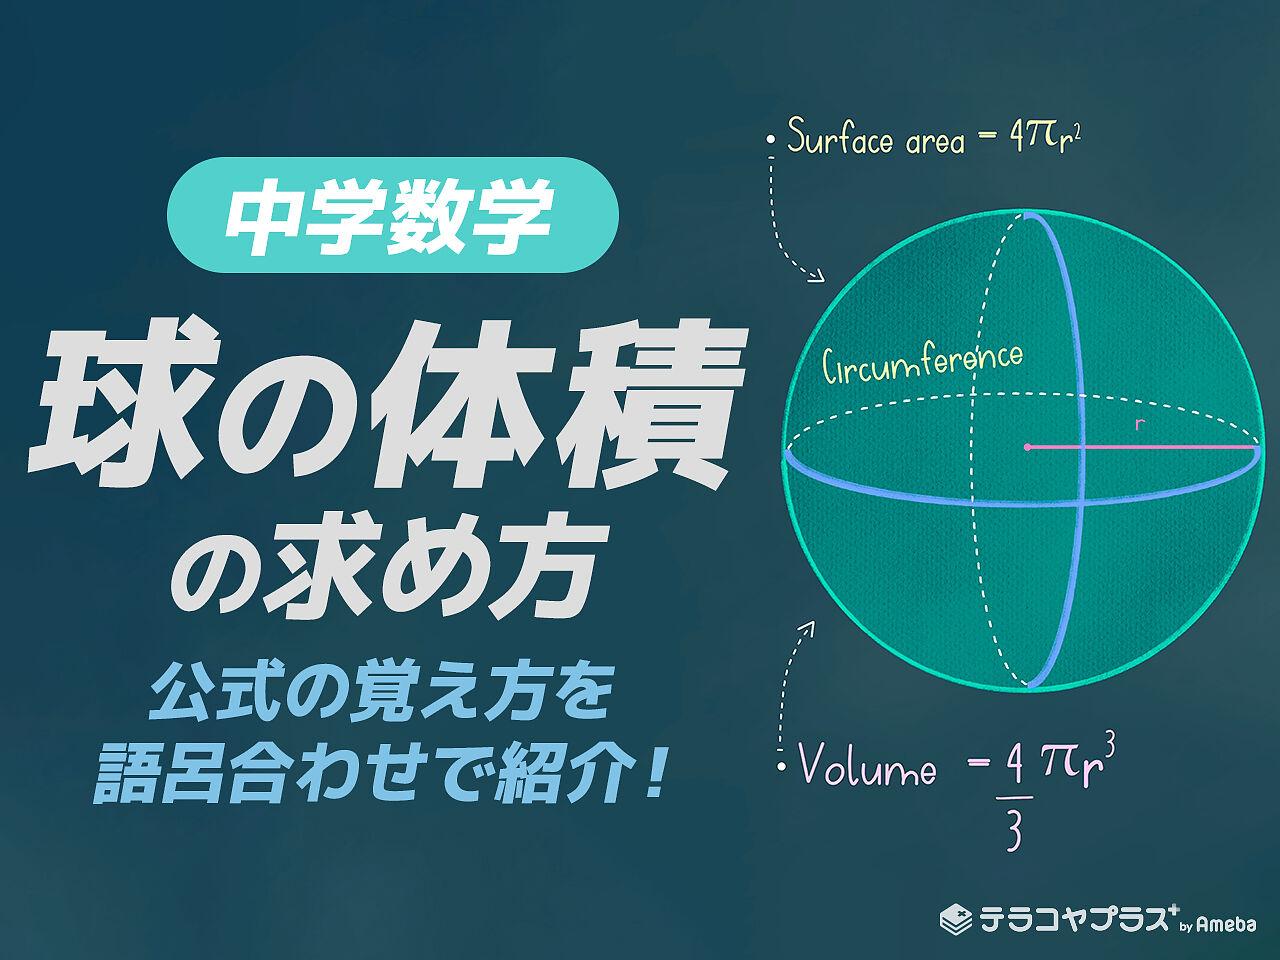 球の体積の求め方 公式の覚え方を語呂合わせで覚えよう!【中学数学】の画像